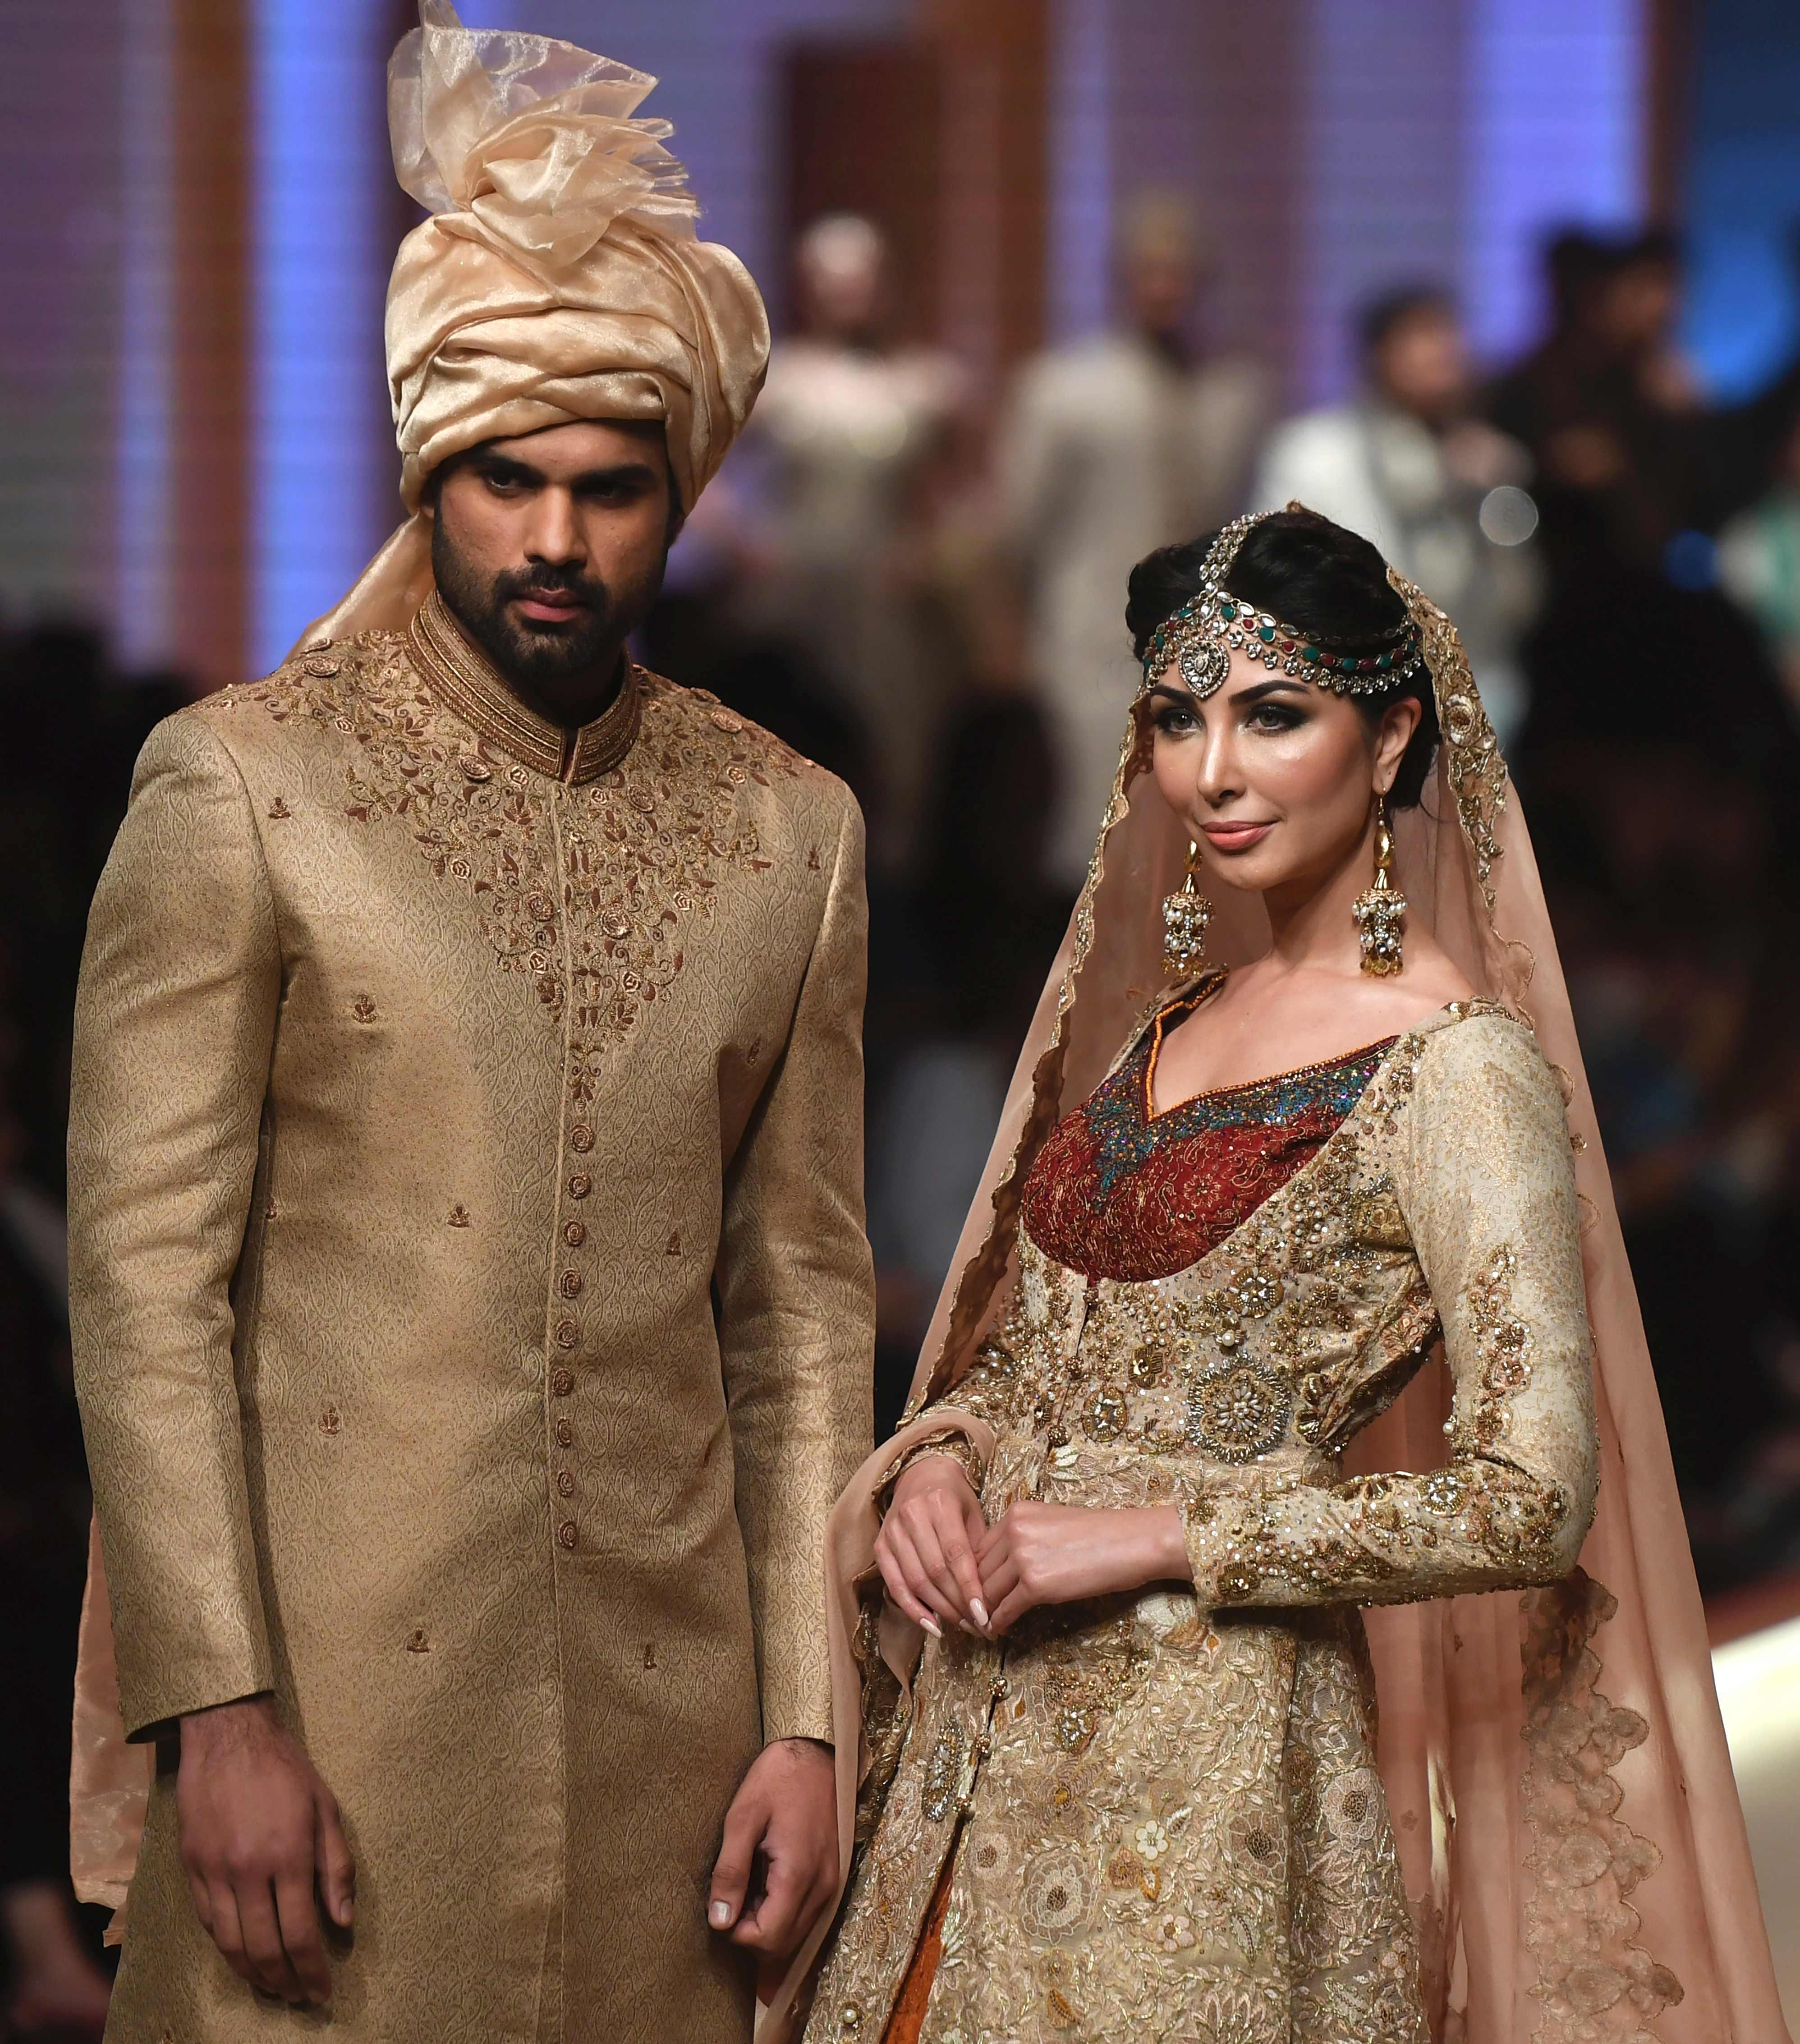 إبداعات الموضة في باكستان